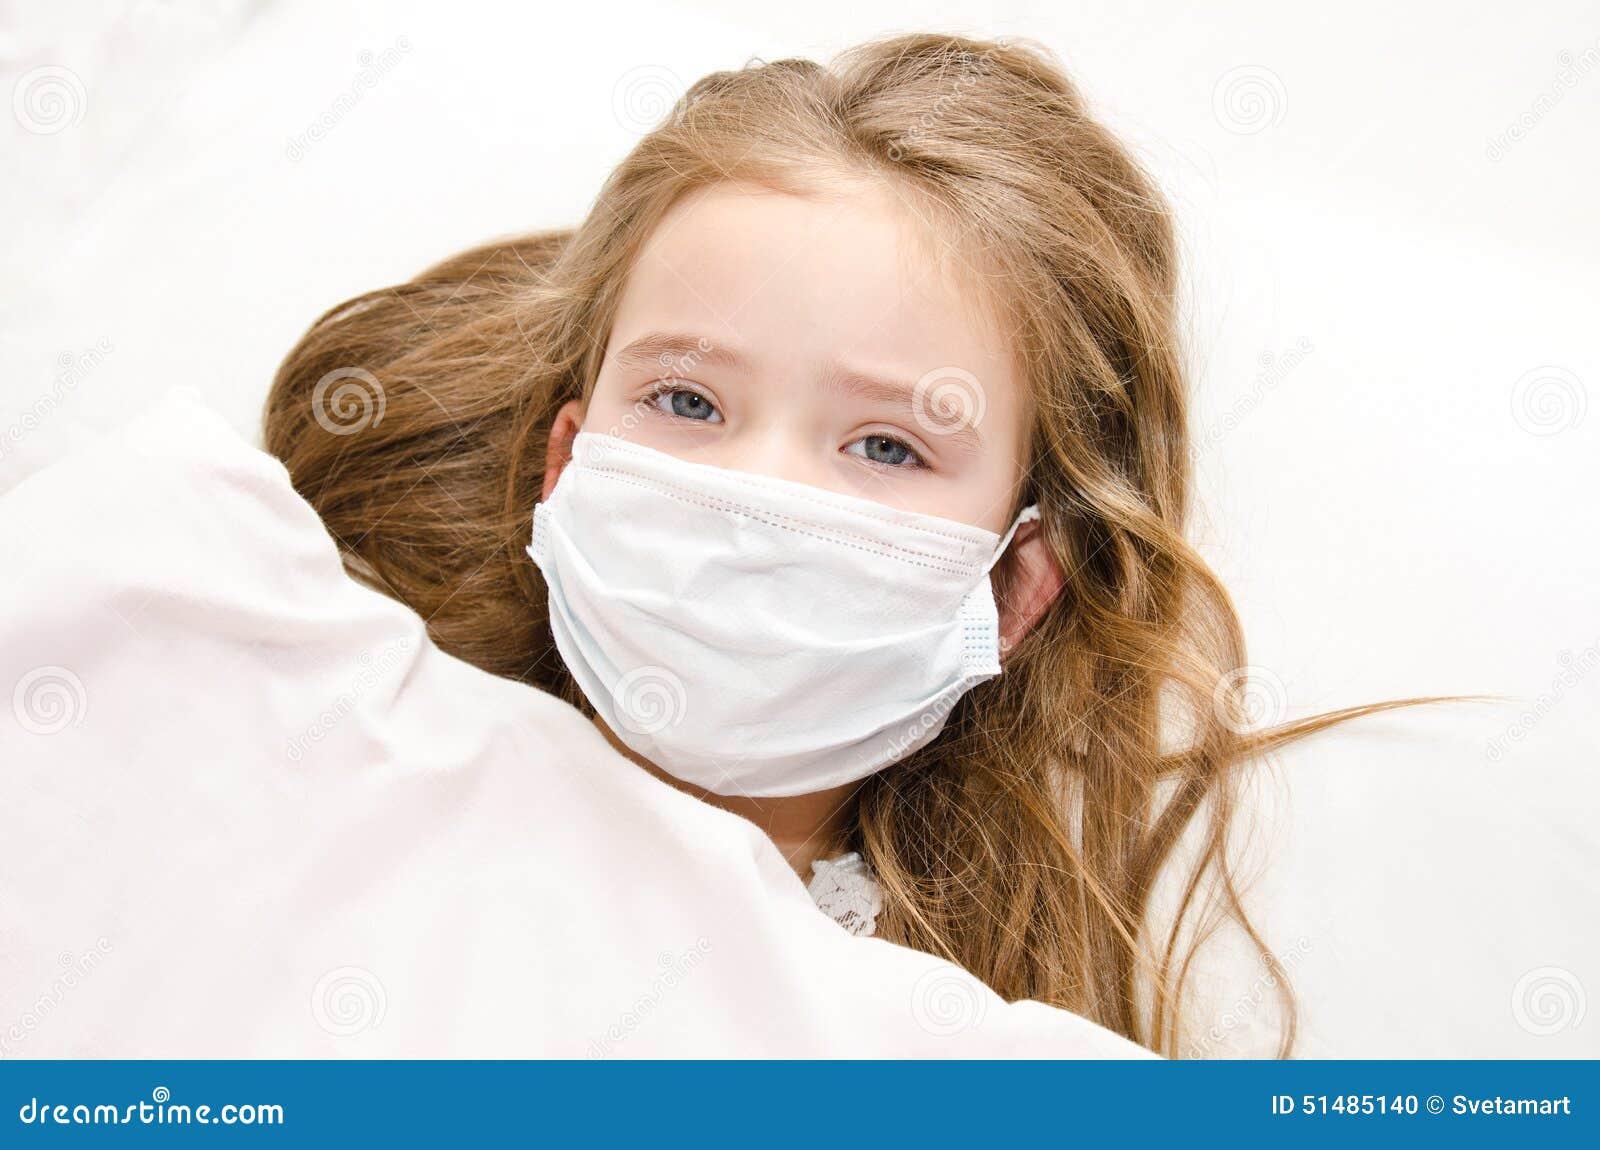 masque bacterien virus